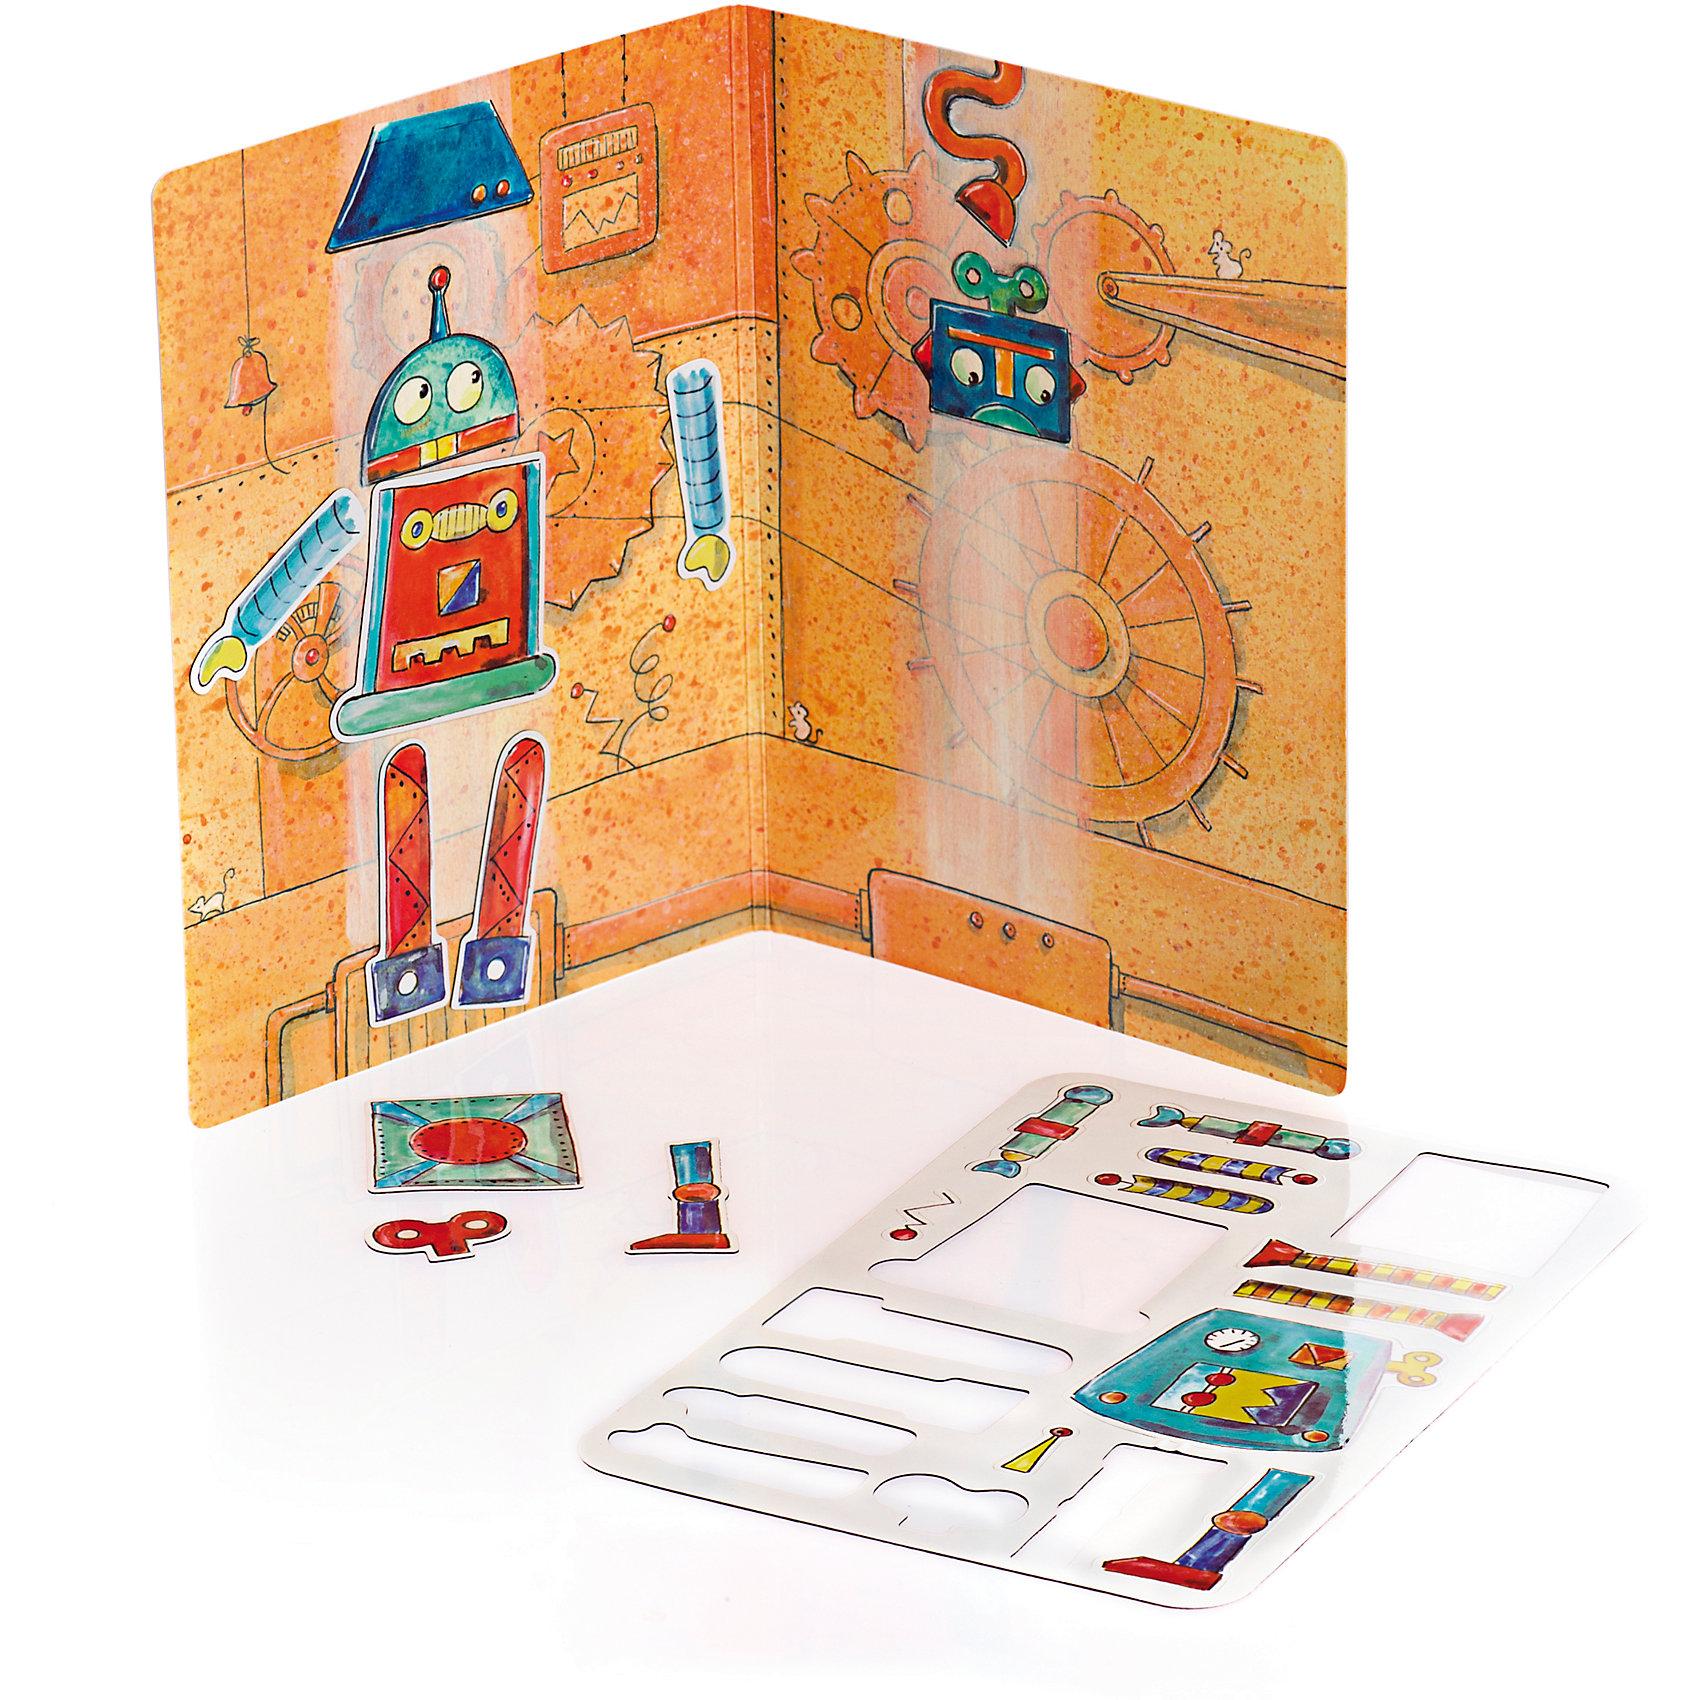 Магнитная игра Робот, 18 деталей, Egmont ToysИгры в дорогу<br>Характеристики:<br><br>• возраст: от 3-х лет<br>• материал: картон, магнит;<br>• комплектация: магнитная книжка-основа, 18 деталей;<br>• размер игры в развёрнутом виде: 26х18 см;<br>• вес: 100 г;<br>• размер упаковки: 18х13х1 см;<br><br>Магнитная игра  «Робот», Egmont Toys – это набор магнитных элементов, предназначенный для сюжетно-ролевых и обучающих игр. Набор также можно использовать в качестве настольной игры.<br><br>Набор состоит из картонной книжки-основы, на которую нанесено изображение конвейера и атрибутики конструкторского бюро. К основе прилагаются элементы с изображением деталей и запчастей к роботам.<br><br>Магнитная игра  «Робот», Egmont Toys – это целое методическое пособие, которое позволит в легкой игровой форме познакомить ребенка с особенностями конструкторского бюро. Набор имеет множество вариантов игр.<br><br>Магнитную игру  «Робот», Egmont Toys можно купить в нашем интернет-магазине.<br><br>Ширина мм: 180<br>Глубина мм: 130<br>Высота мм: 10<br>Вес г: 100<br>Возраст от месяцев: 36<br>Возраст до месяцев: 2147483647<br>Пол: Унисекс<br>Возраст: Детский<br>SKU: 5544492